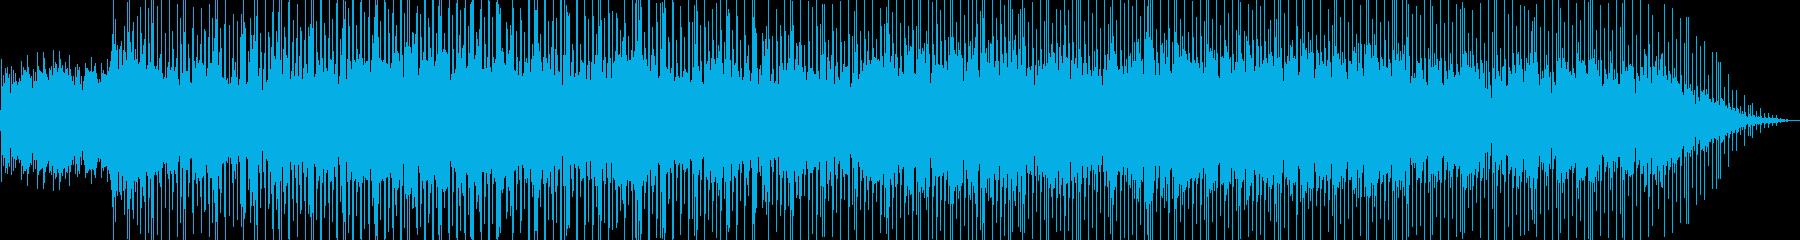 真夏のヒマワリがよく似合うロックの再生済みの波形